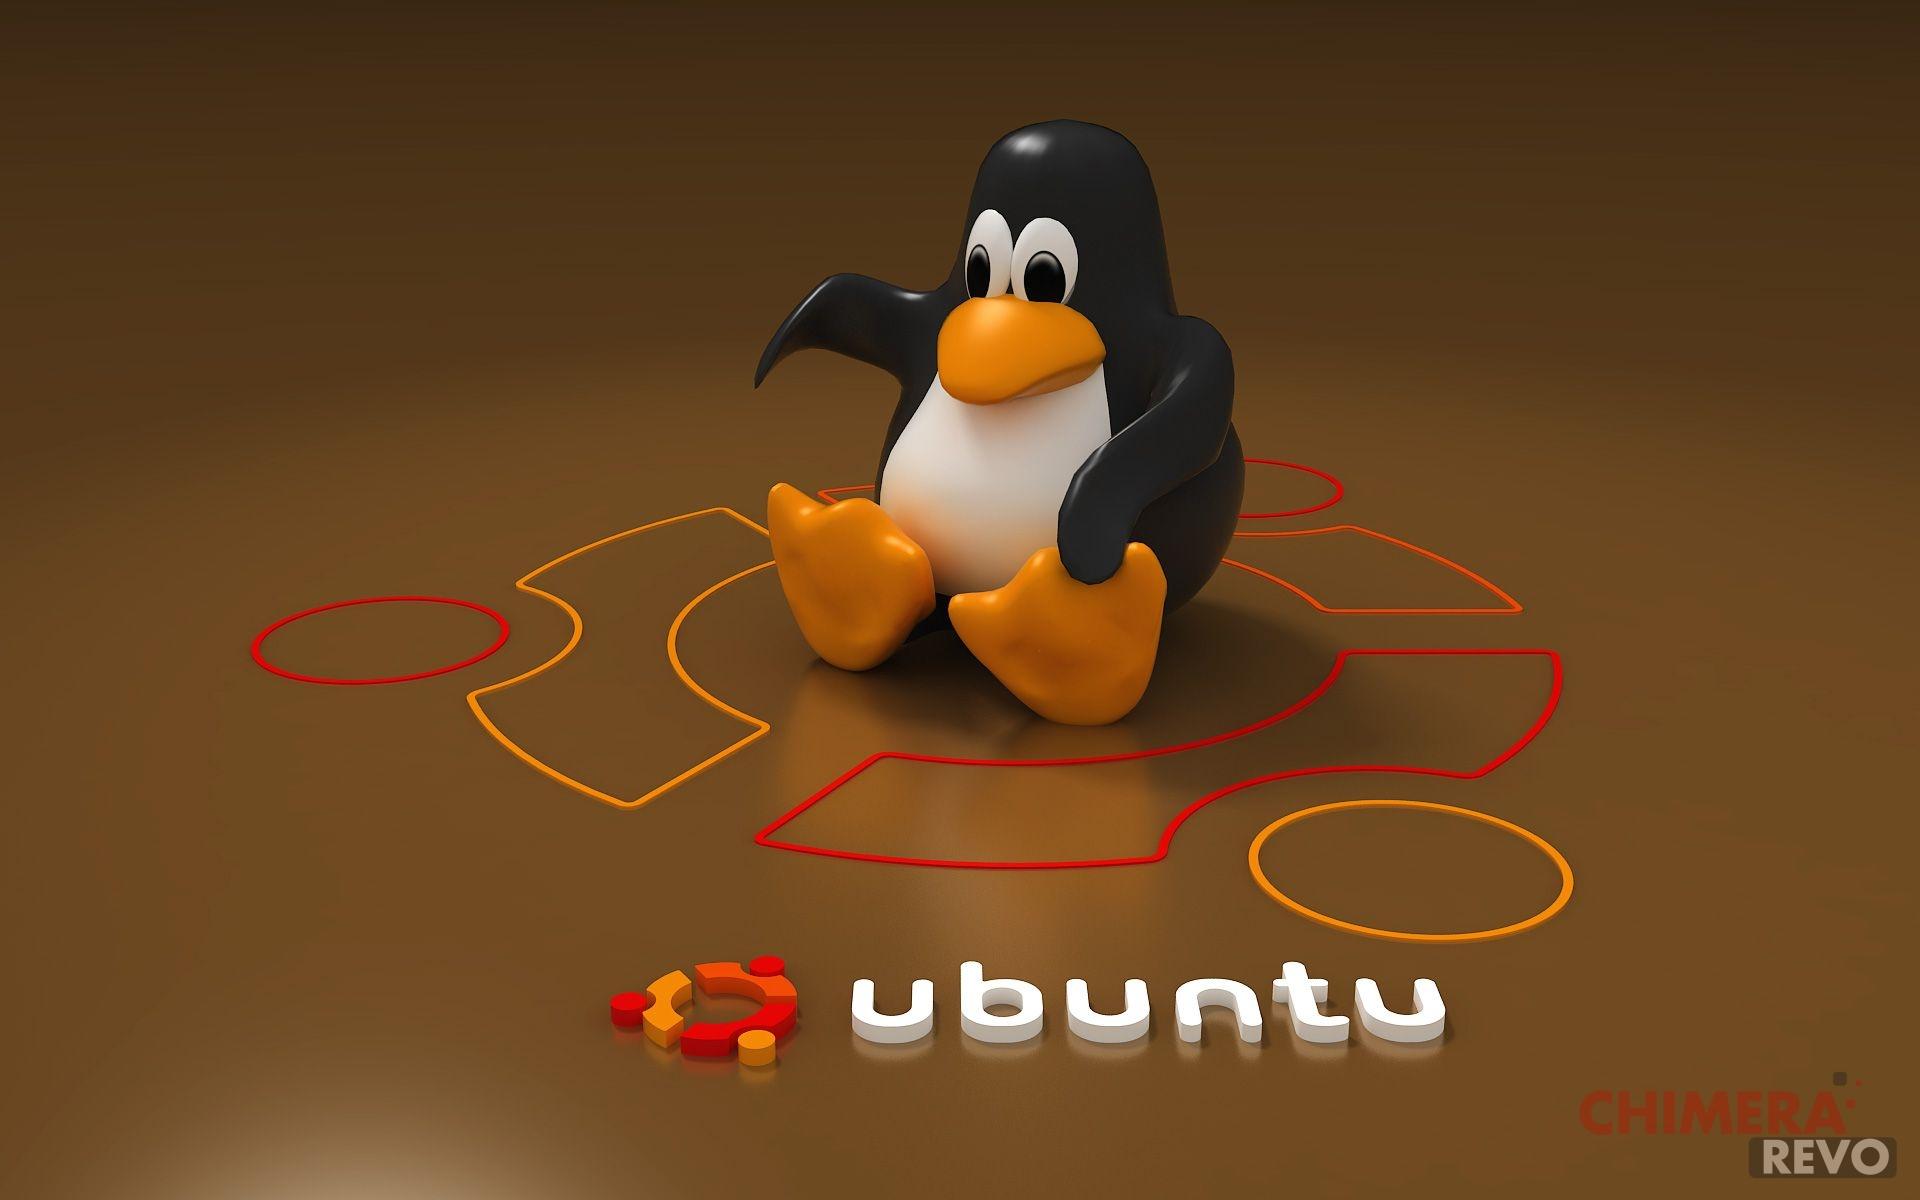 ubuntu risultato